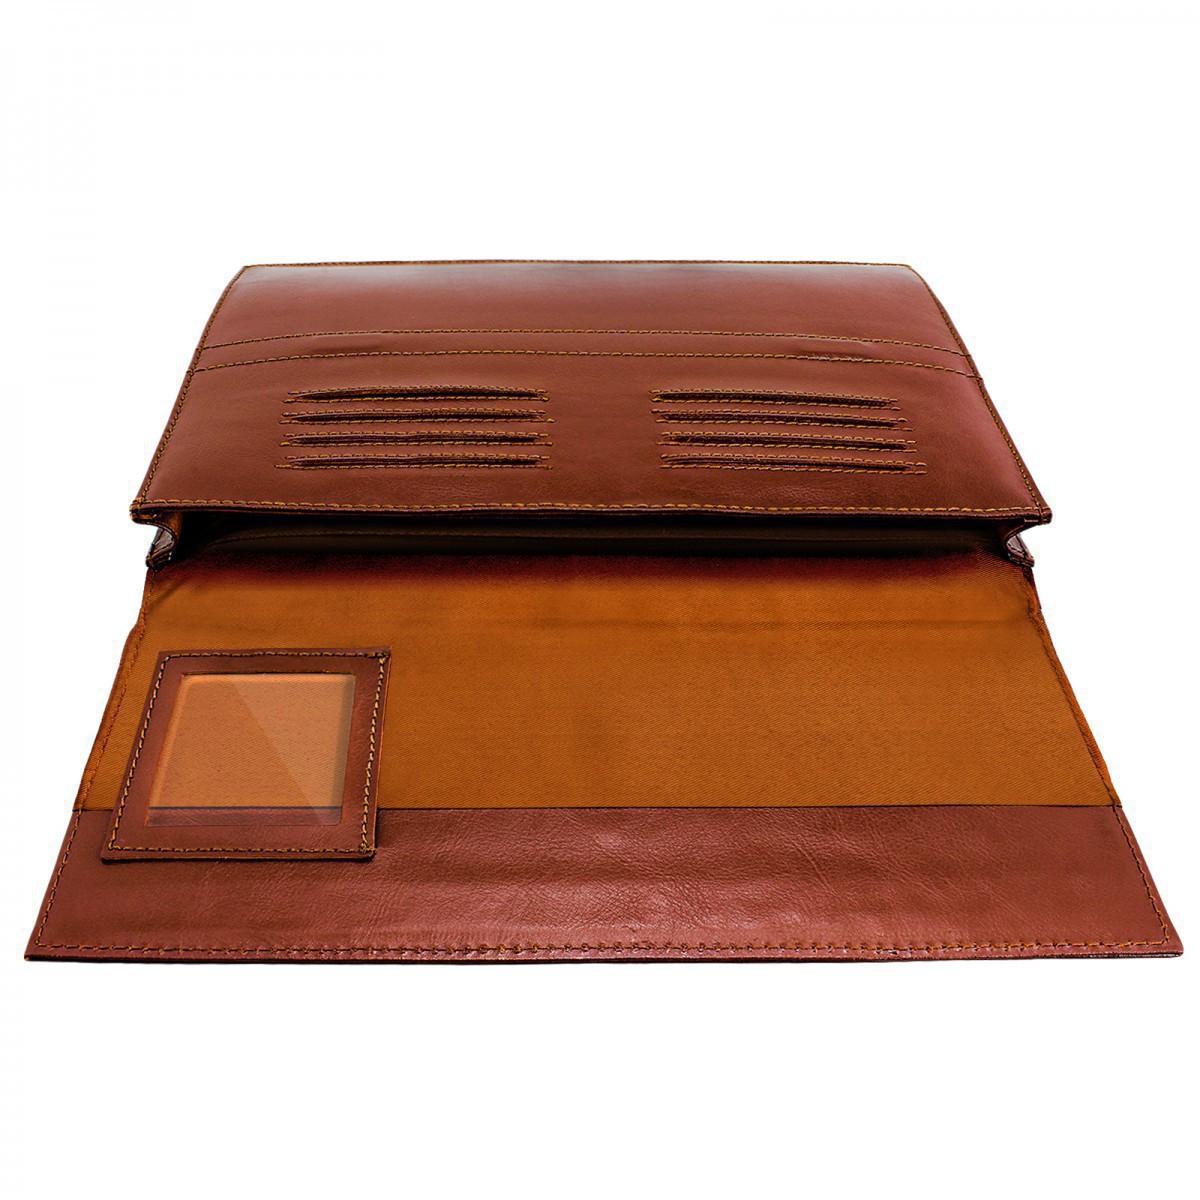 efabrik leder tasche f r asus transformer book t100ha 10. Black Bedroom Furniture Sets. Home Design Ideas